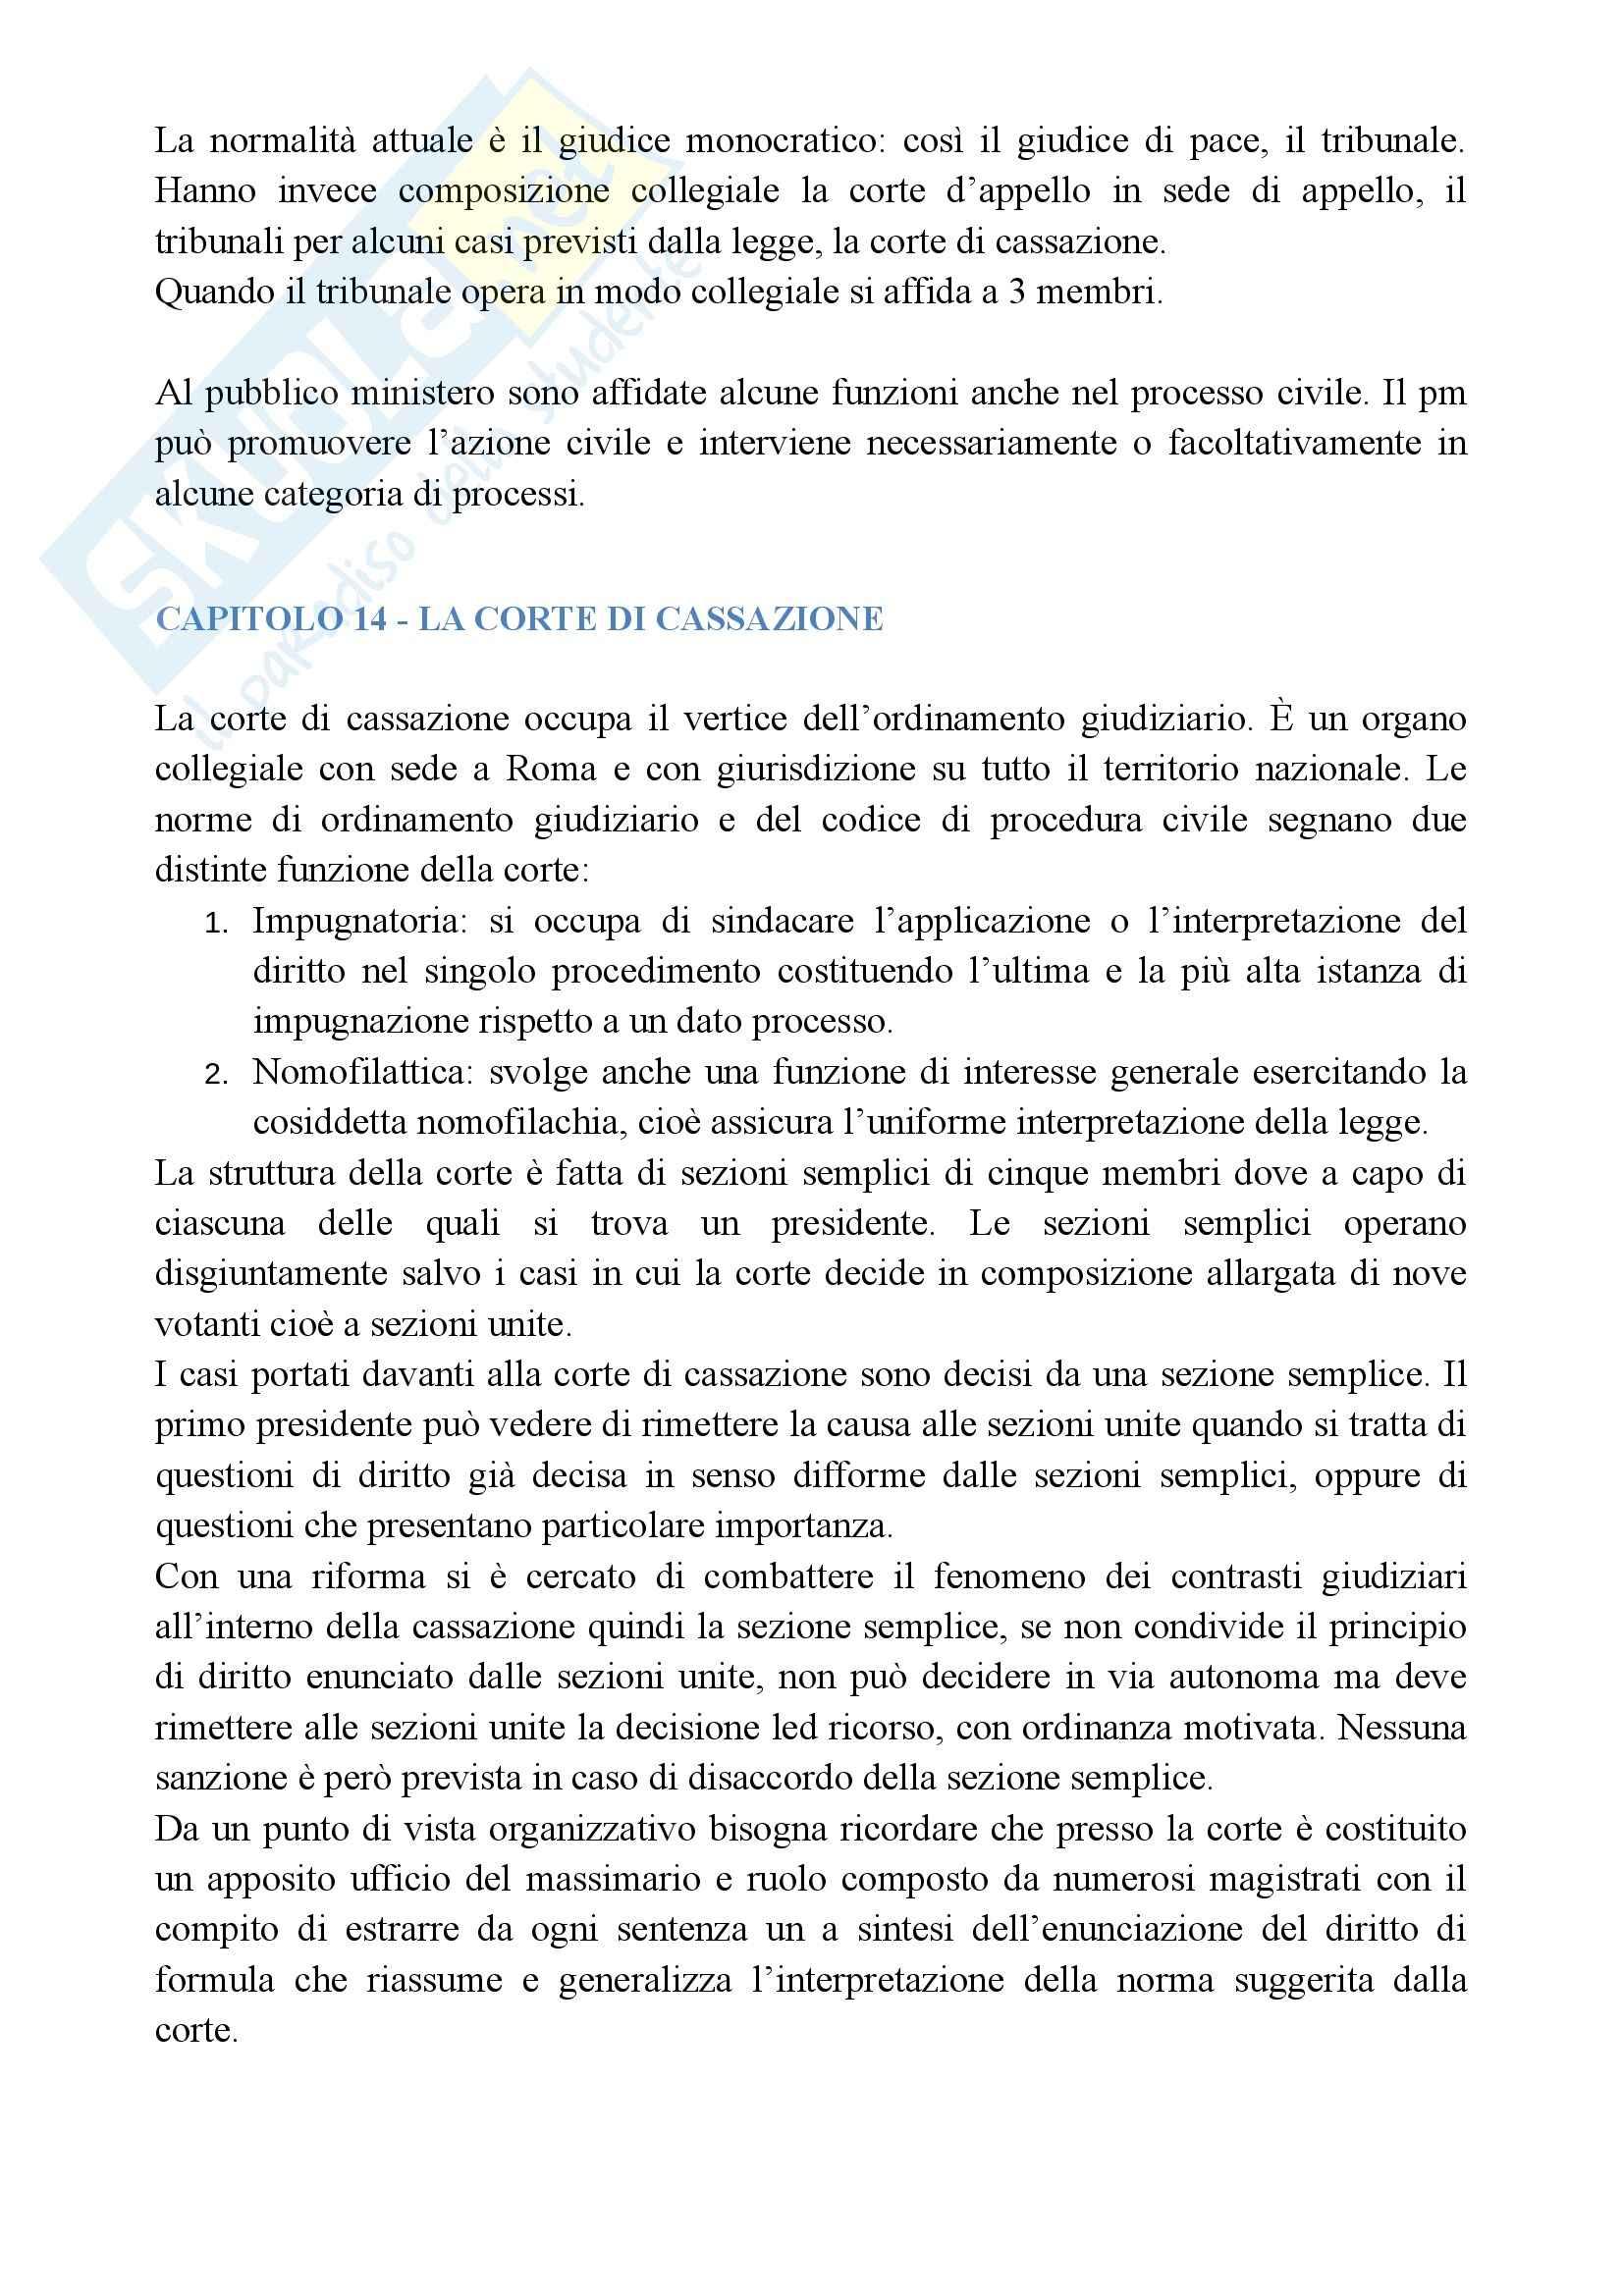 Riassunto esame Diritto Processuale Generale, prof. Querzola, libro consigliato La Giustizia Civile e Penale in Italia Pag. 11